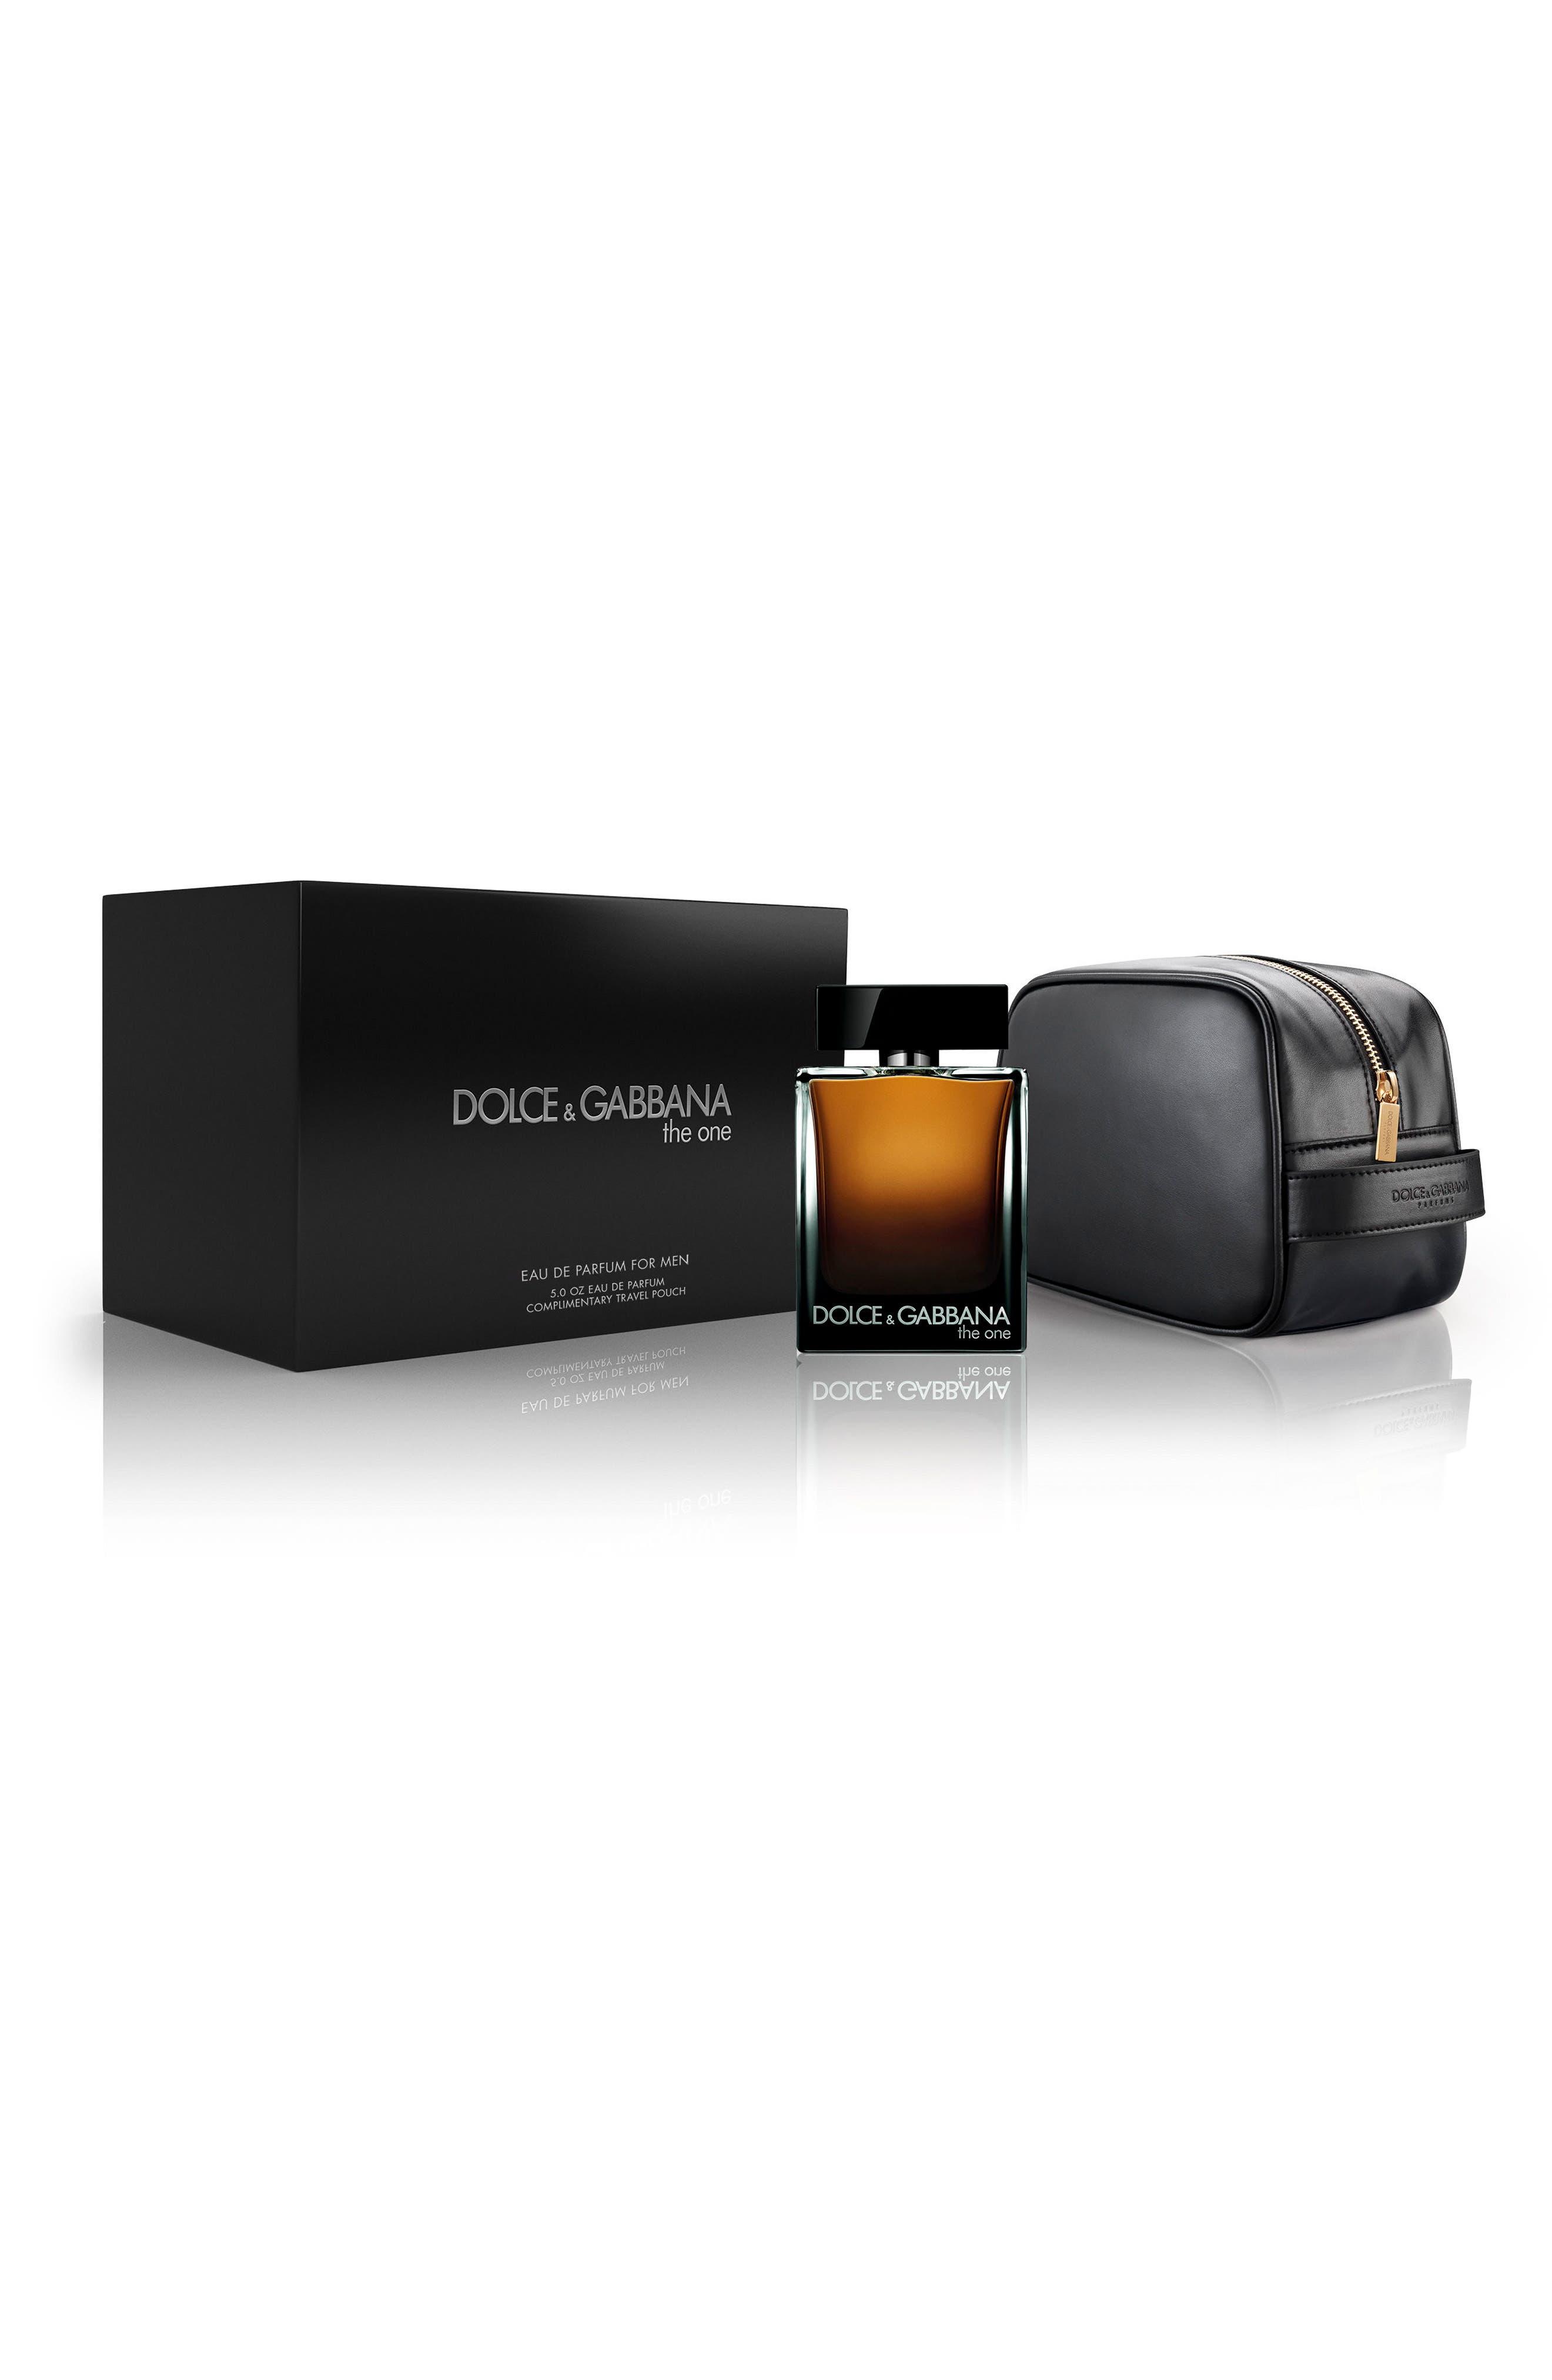 Dolce&Gabbana The One for Men Eau de Parfum Set (Limited Edition)